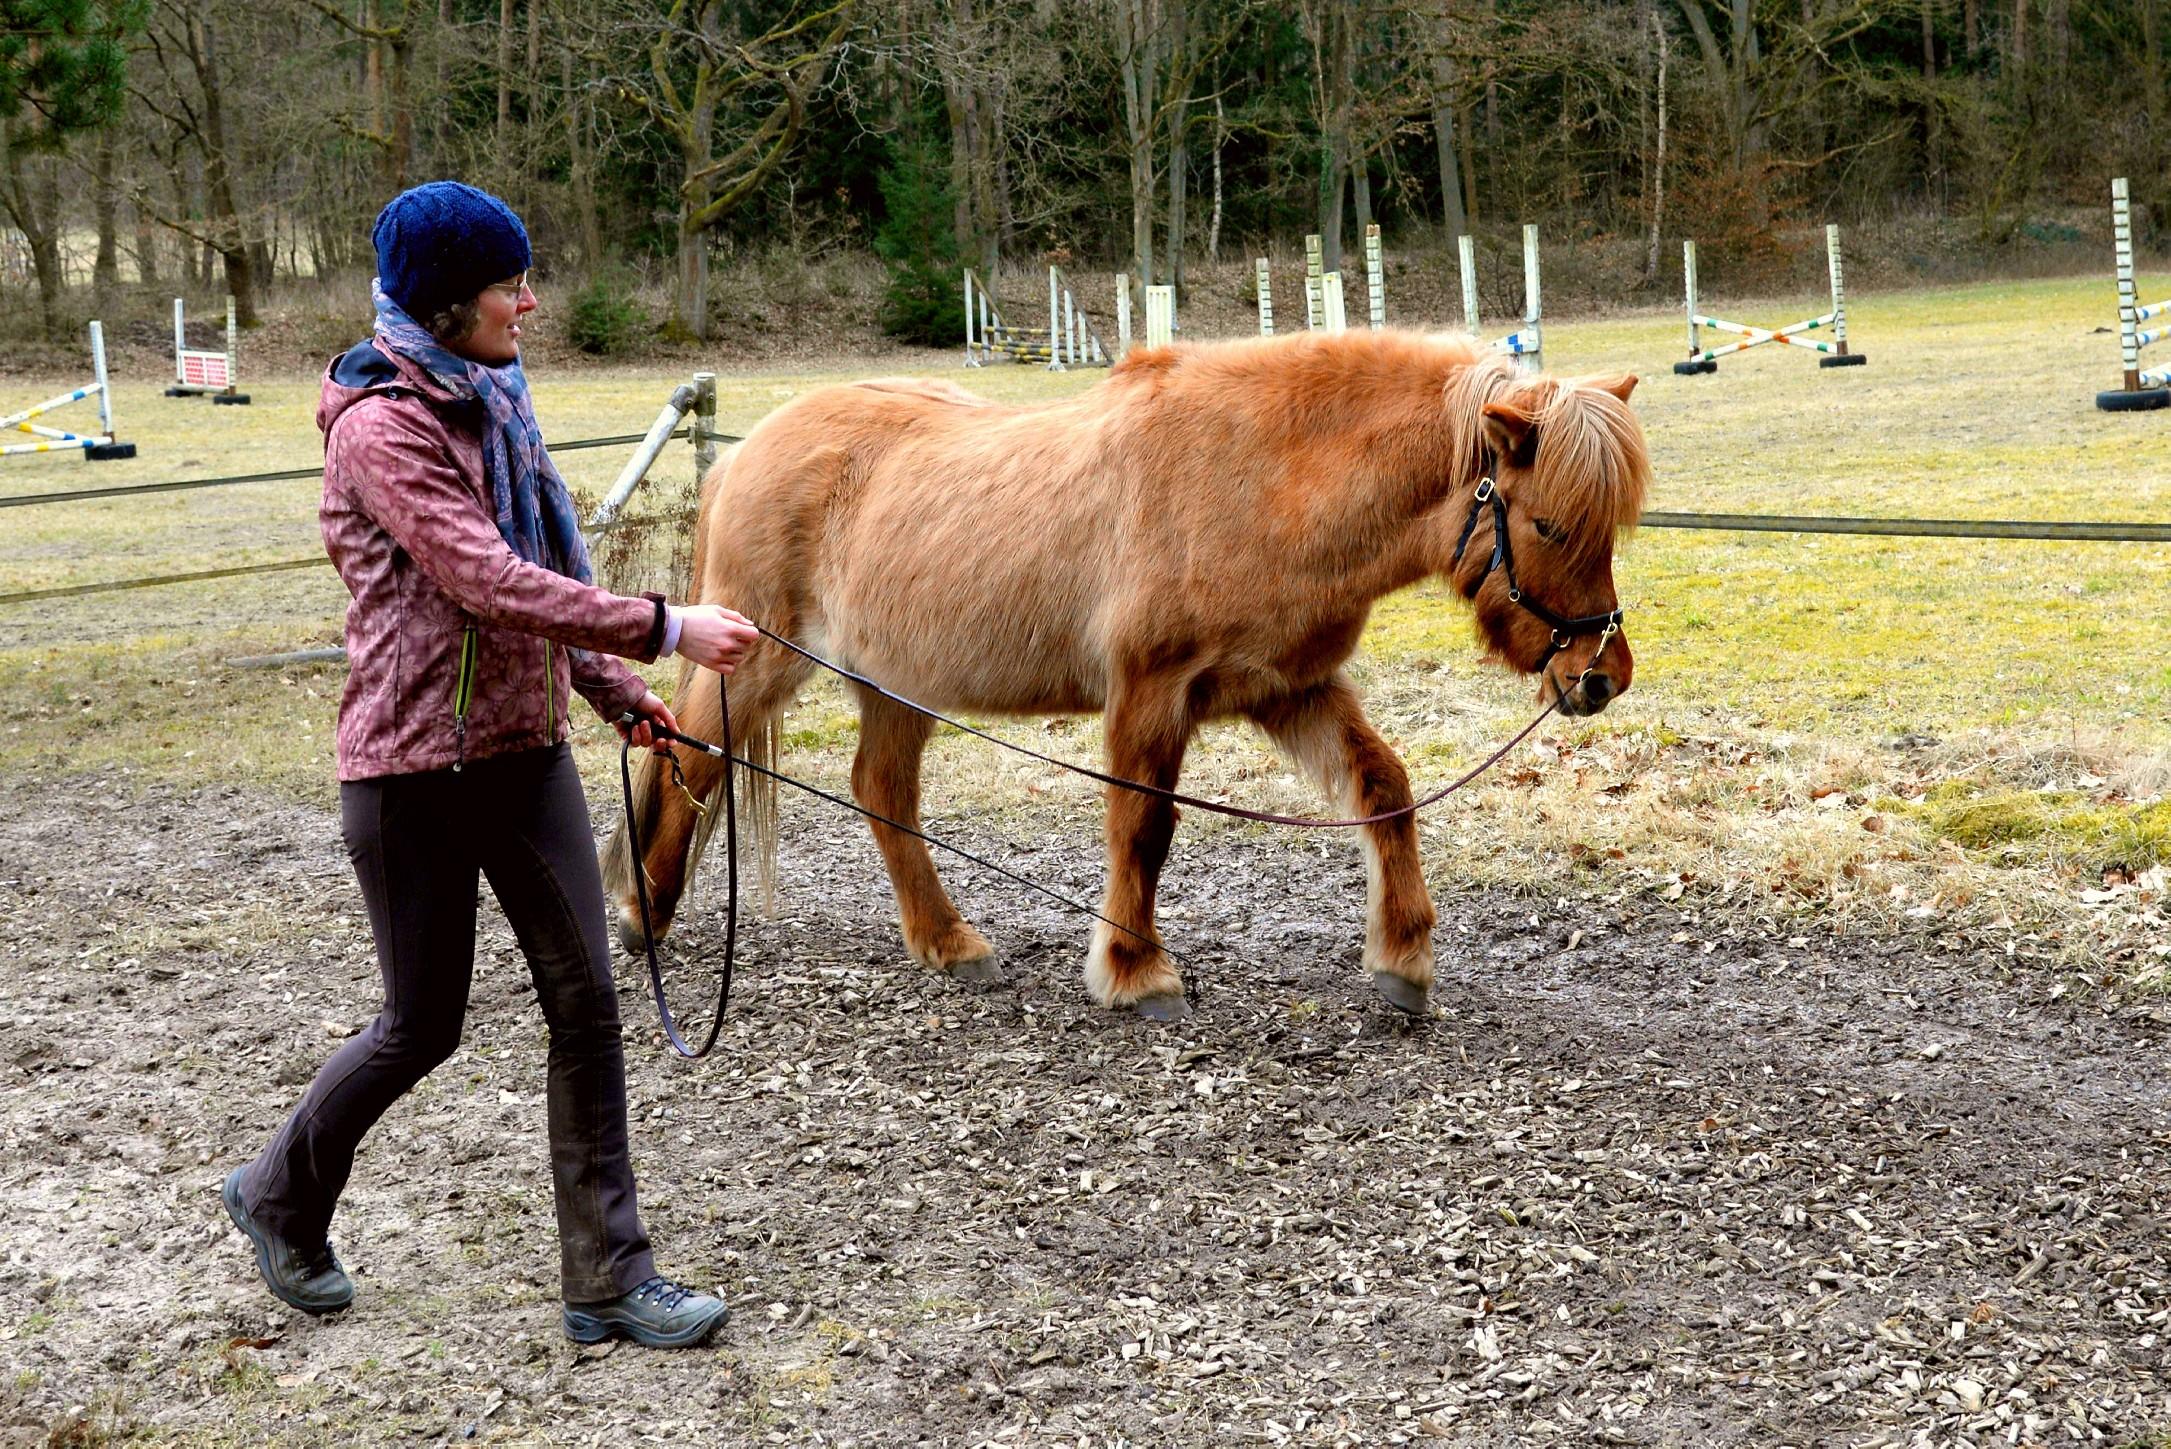 Pferd Lässt Sich Nicht Führen